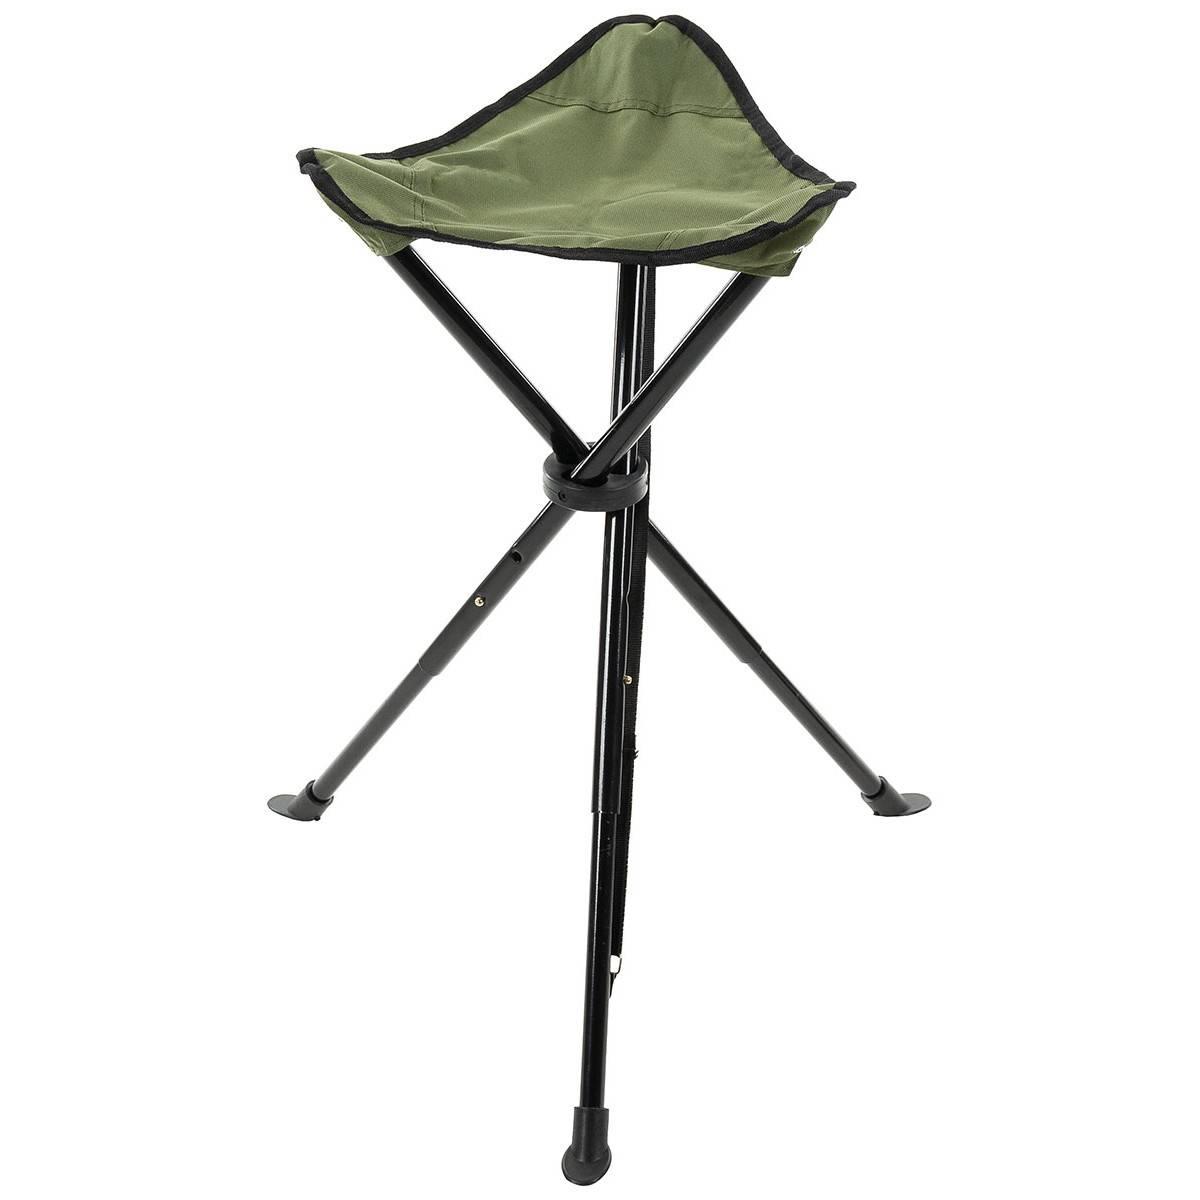 Folding Chair 3 Leg Telescope Od Green Trekking